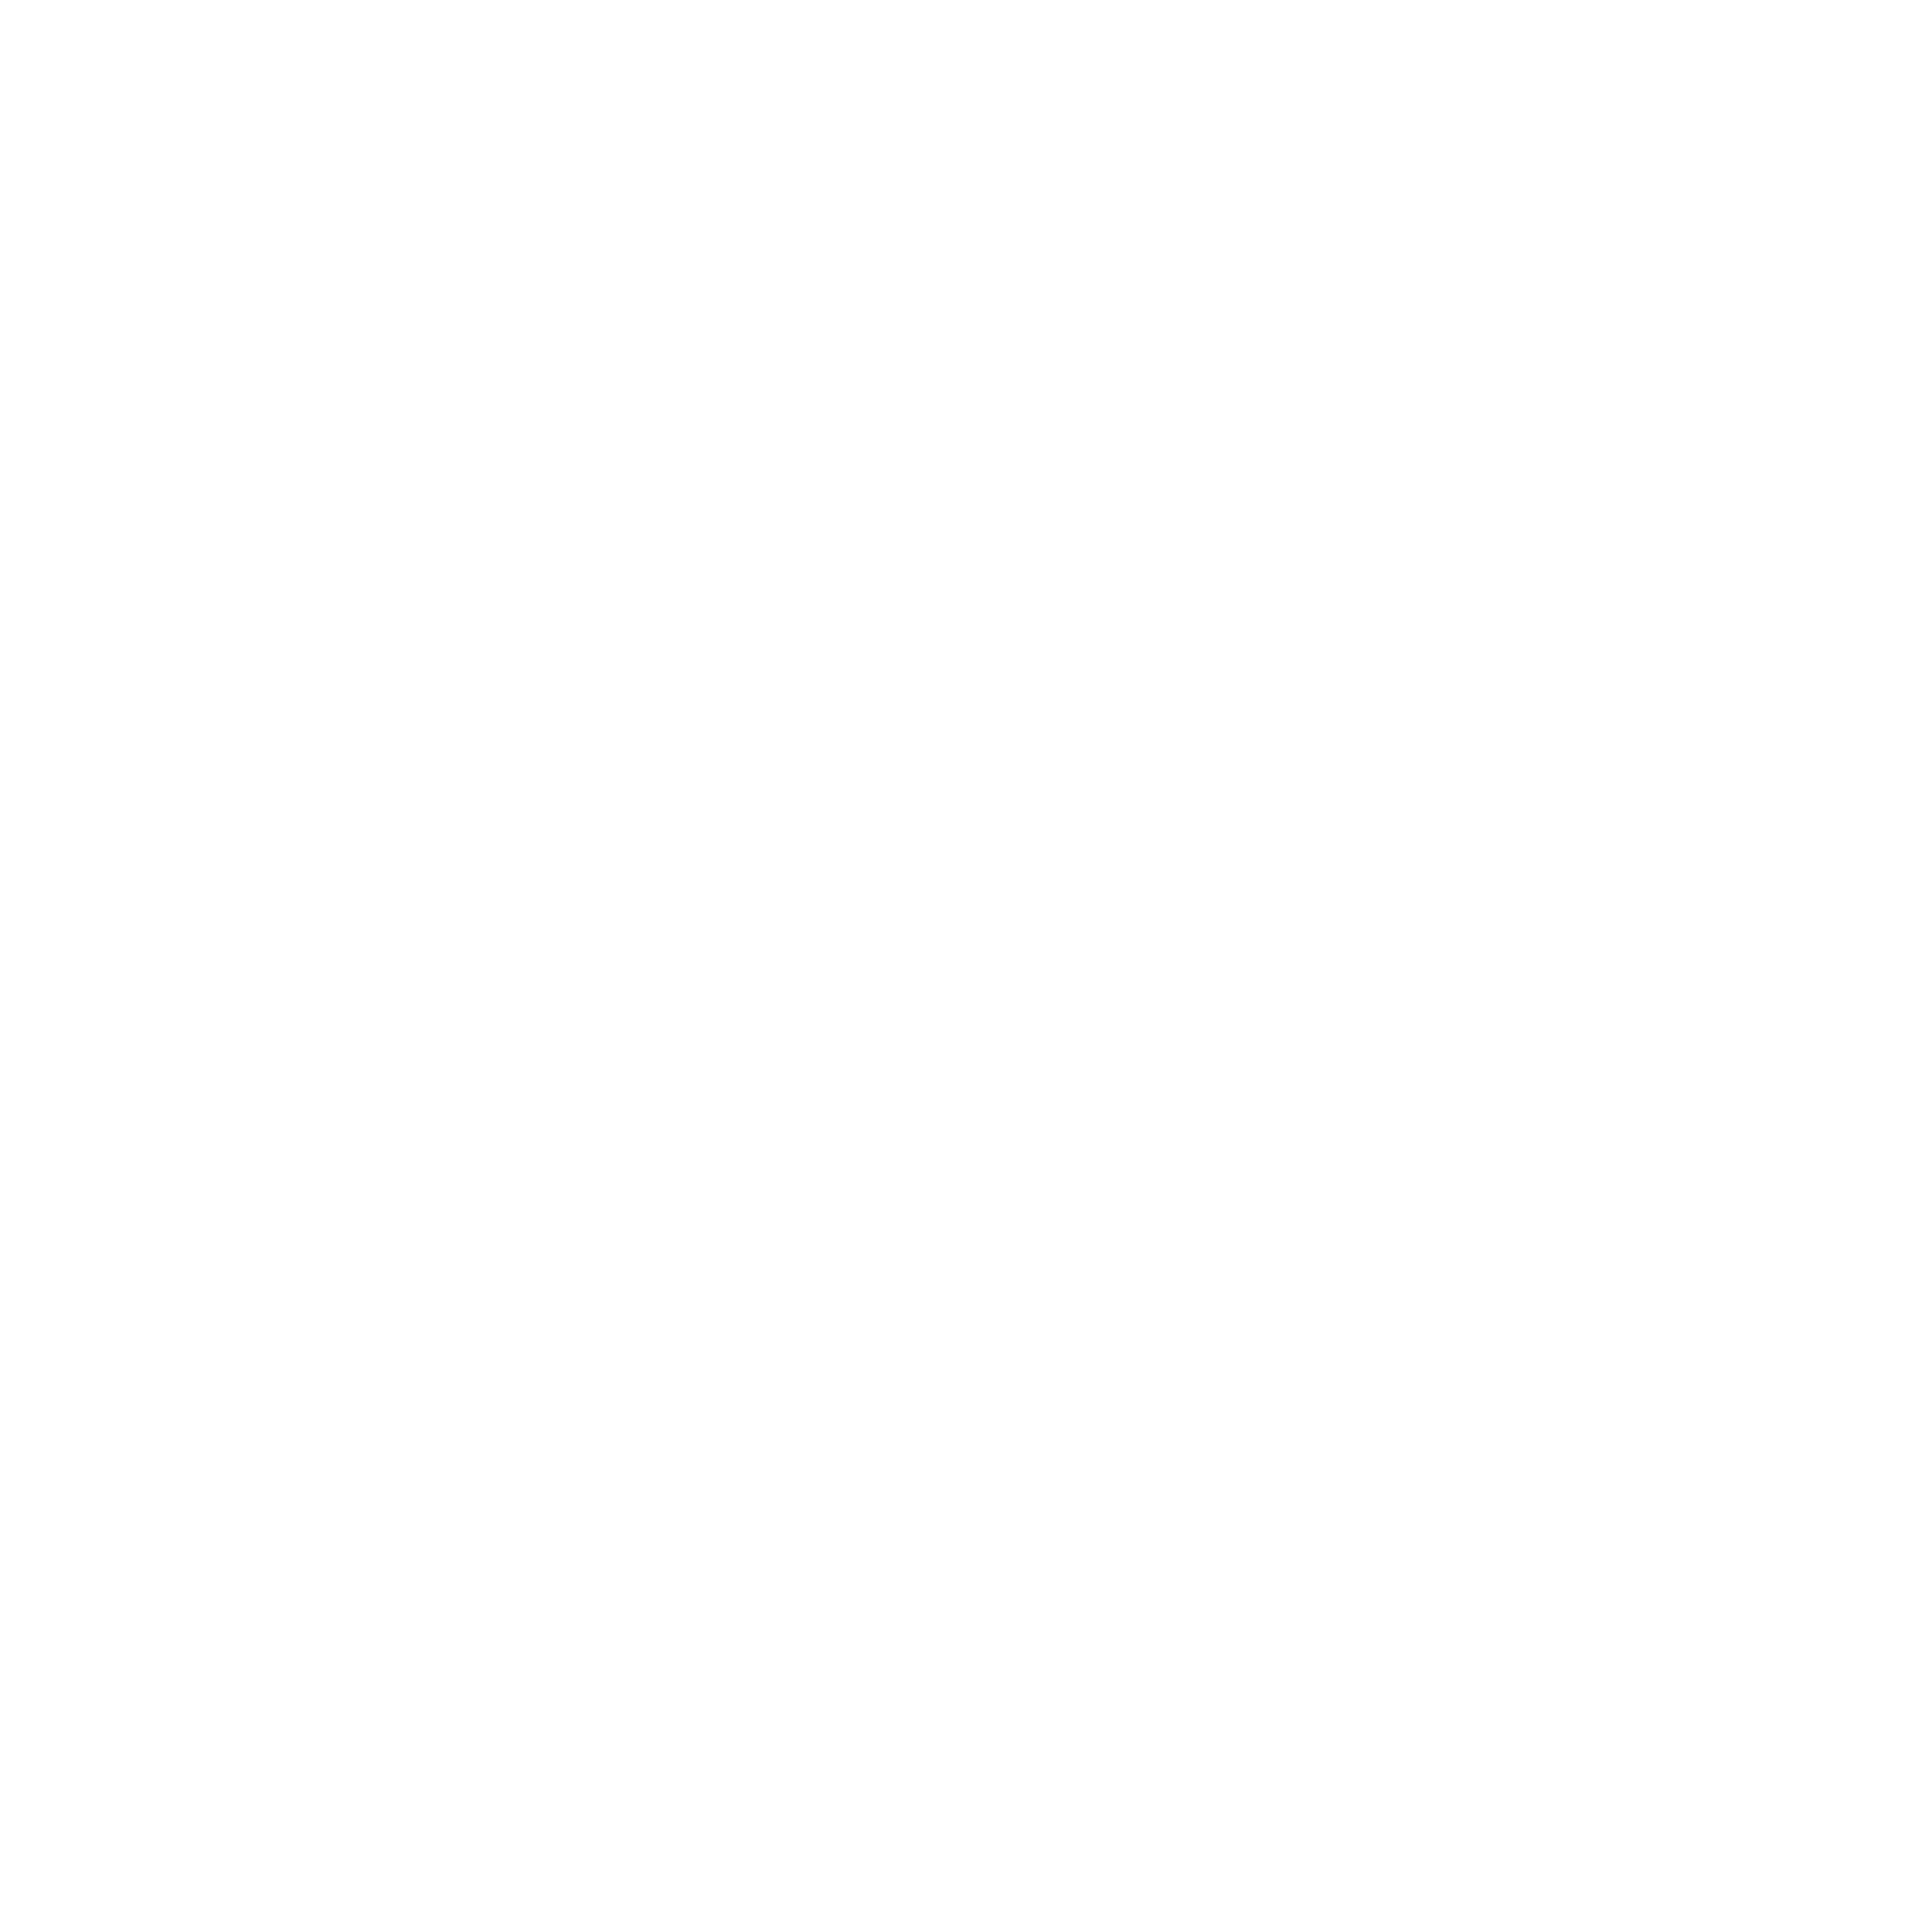 nimagens